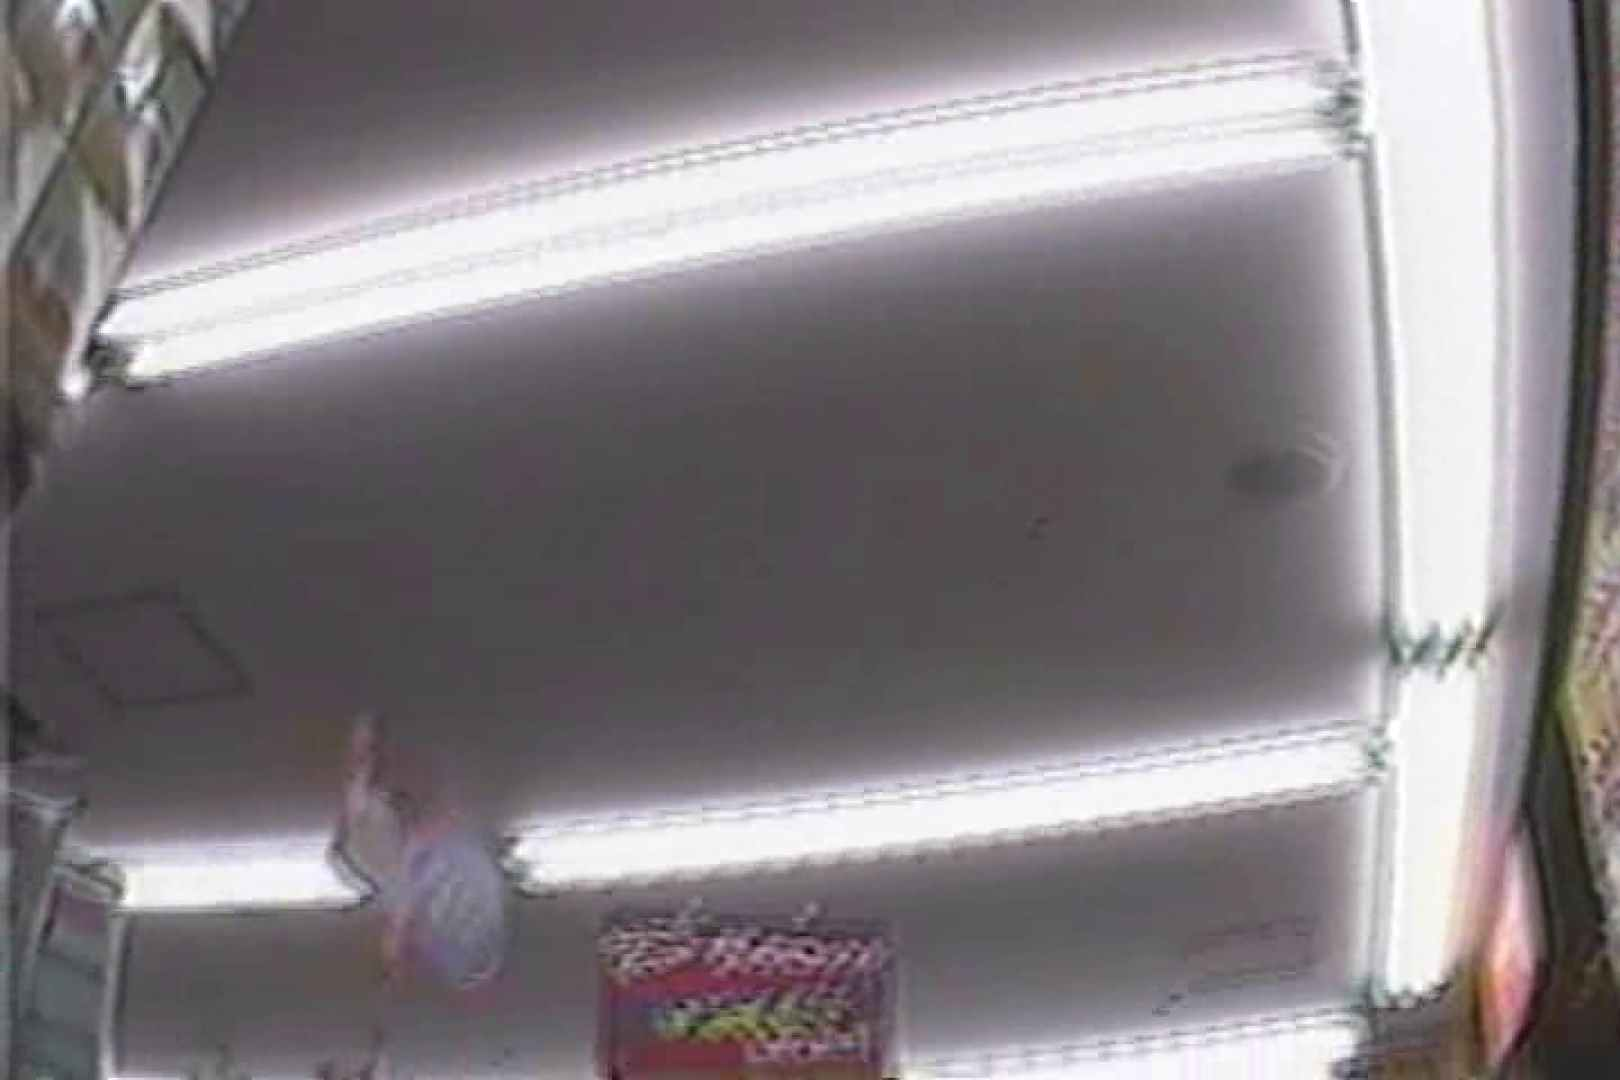 追跡ロックオン!!パンチラリズム!! ギャルのエロ動画 オマンコ無修正動画無料 81PIX 2